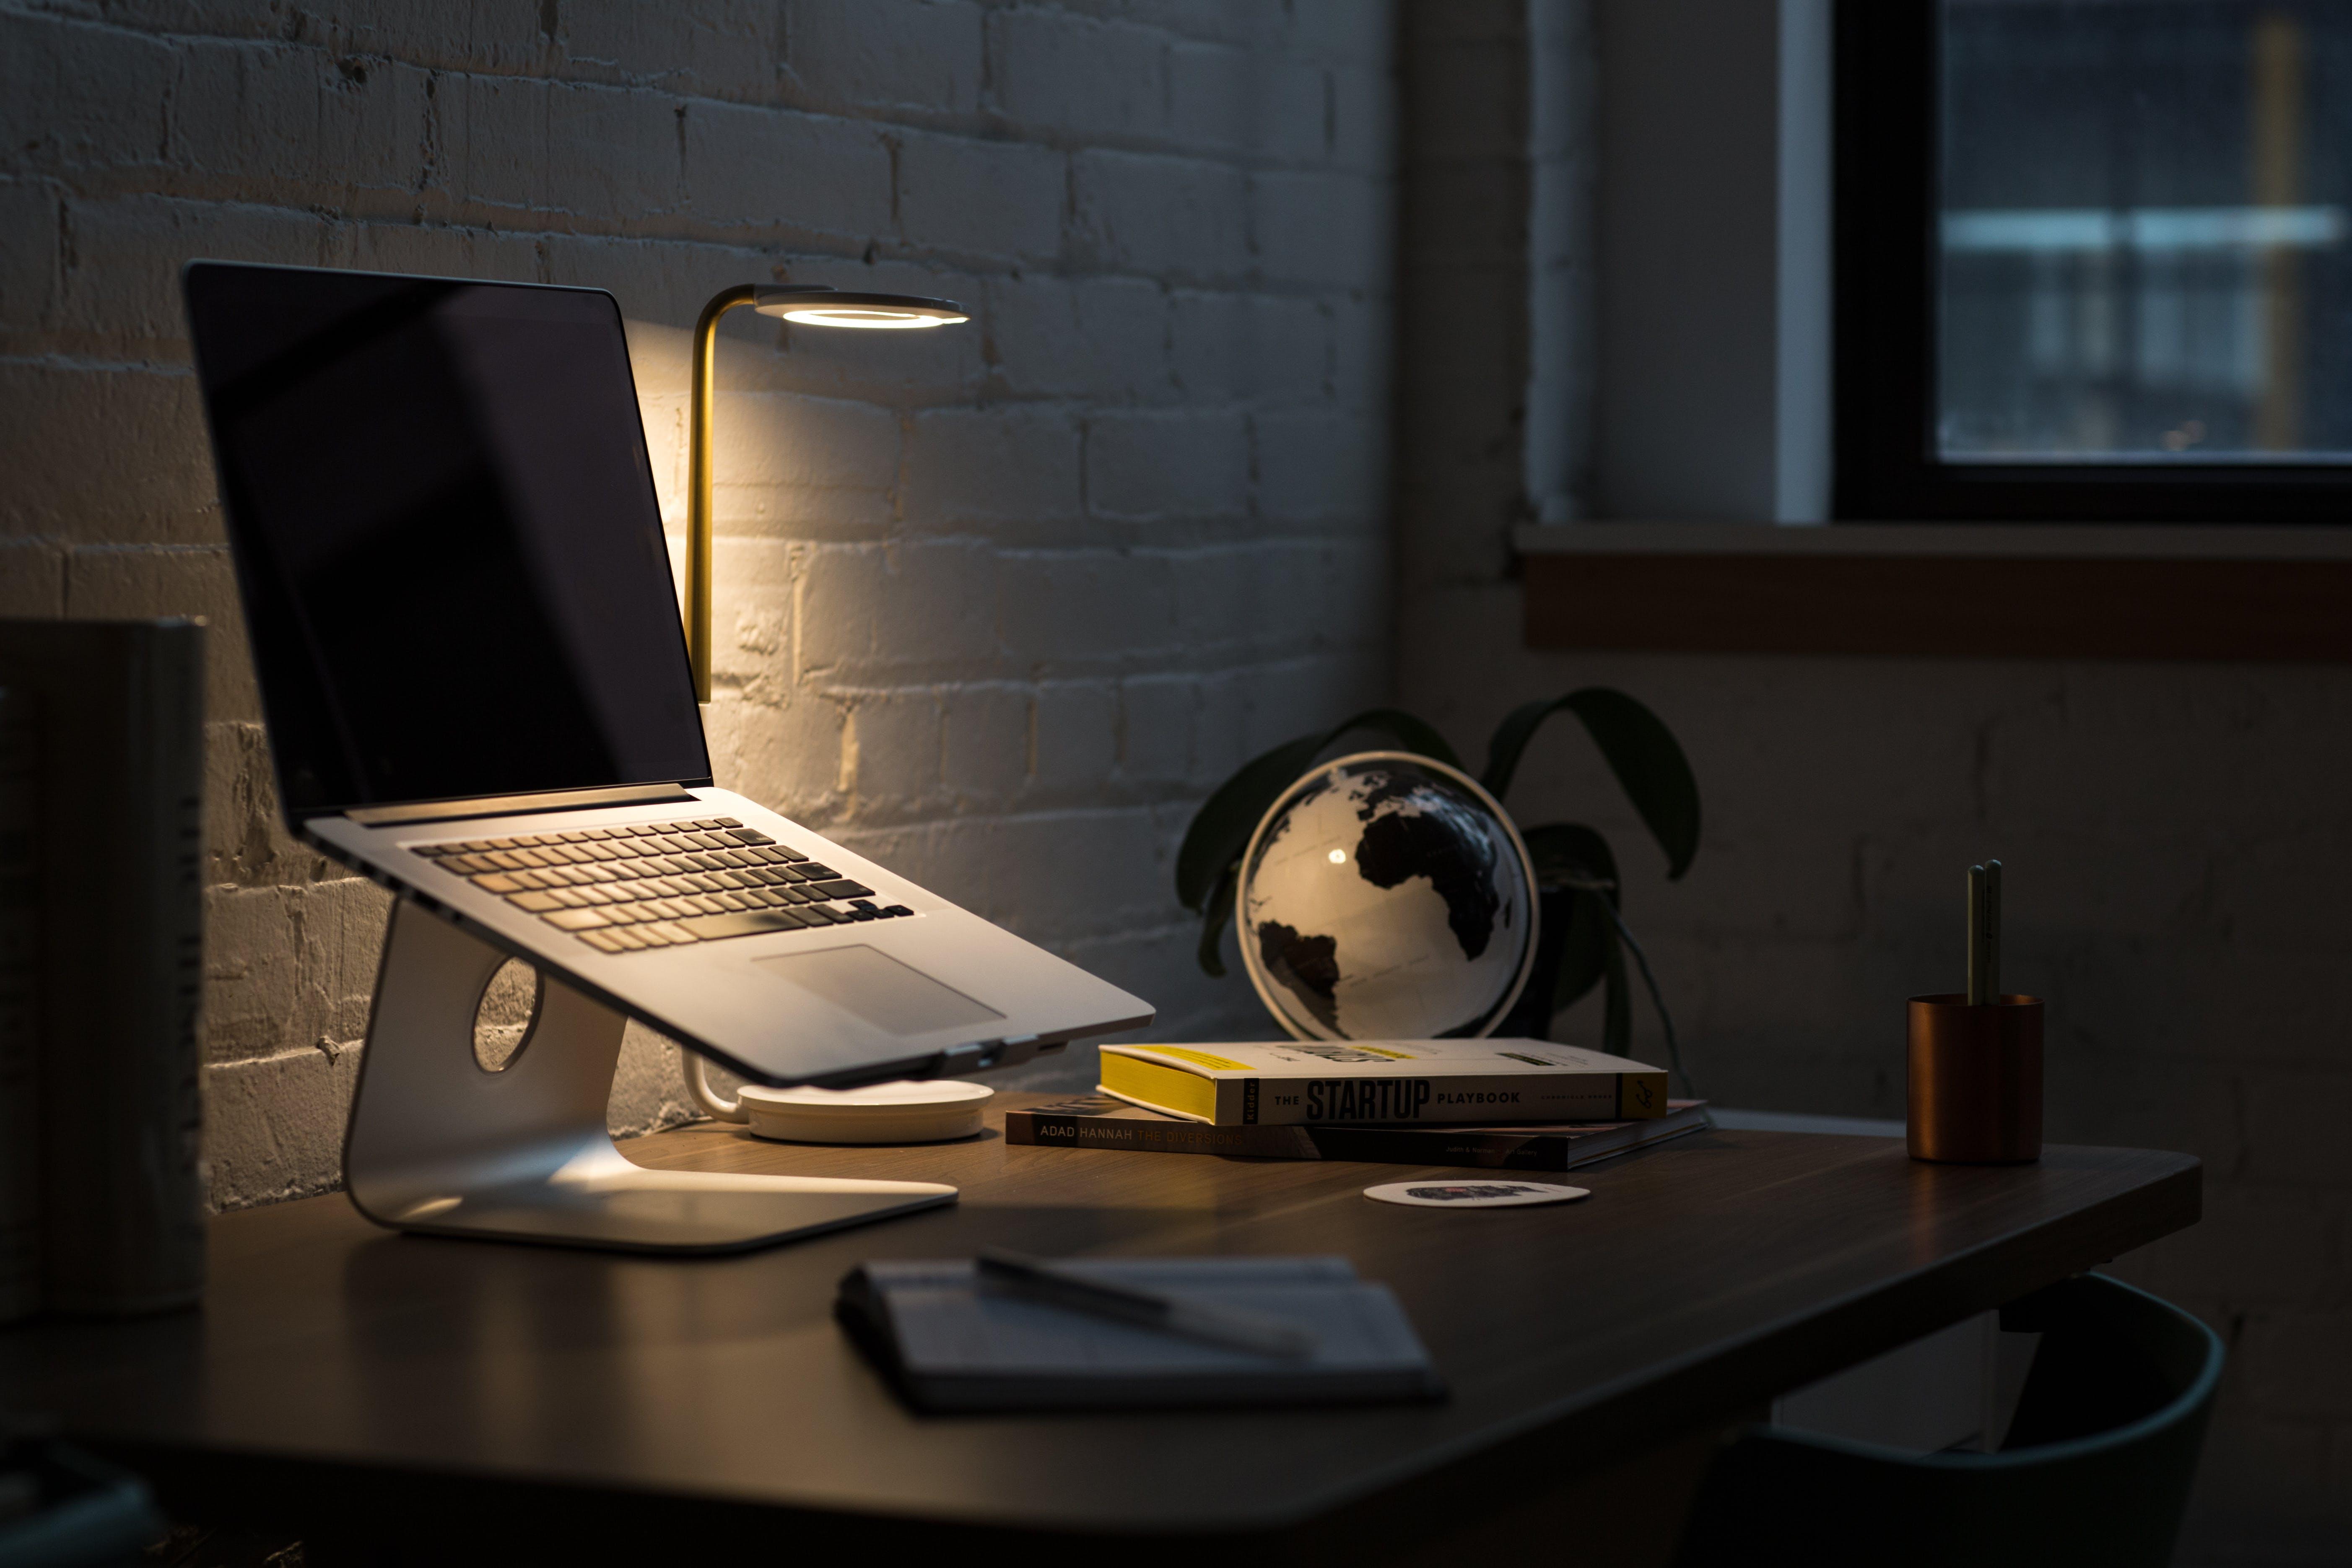 光, 室內, 工作區, 工作場所 的 免费素材照片